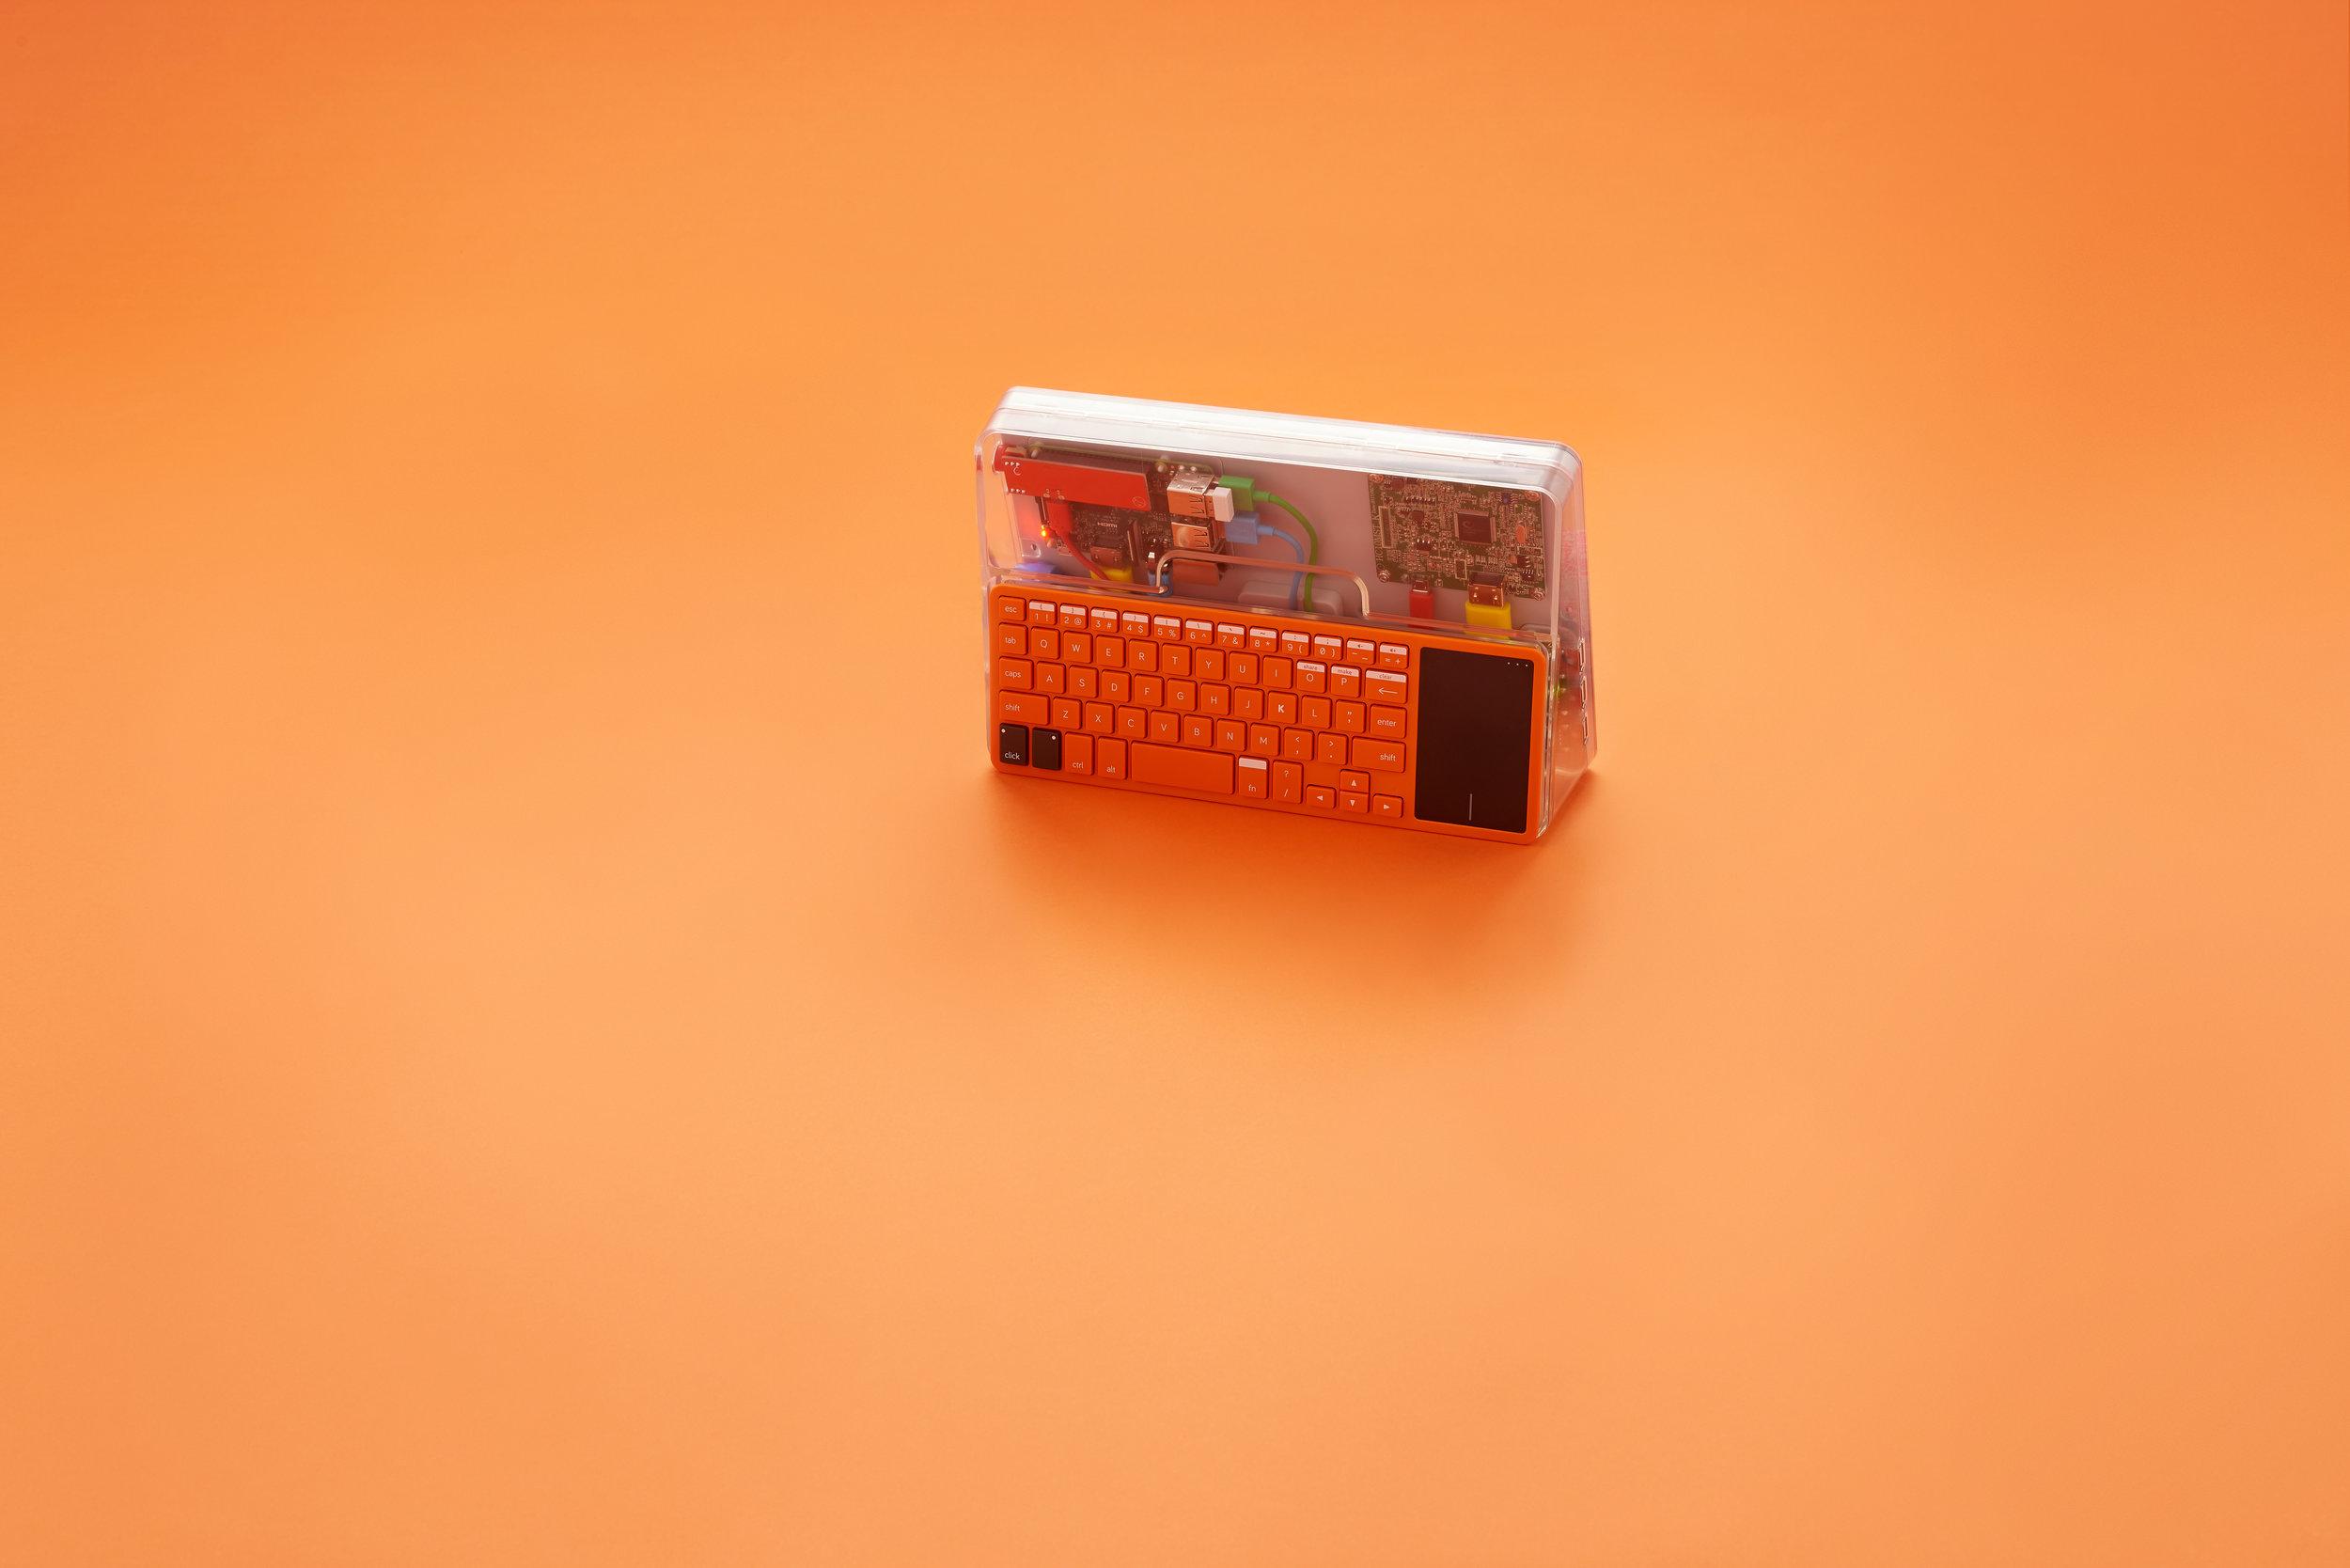 CKC_Upright_Back keyboard in_RGB_sRGB_CLEAN.jpg